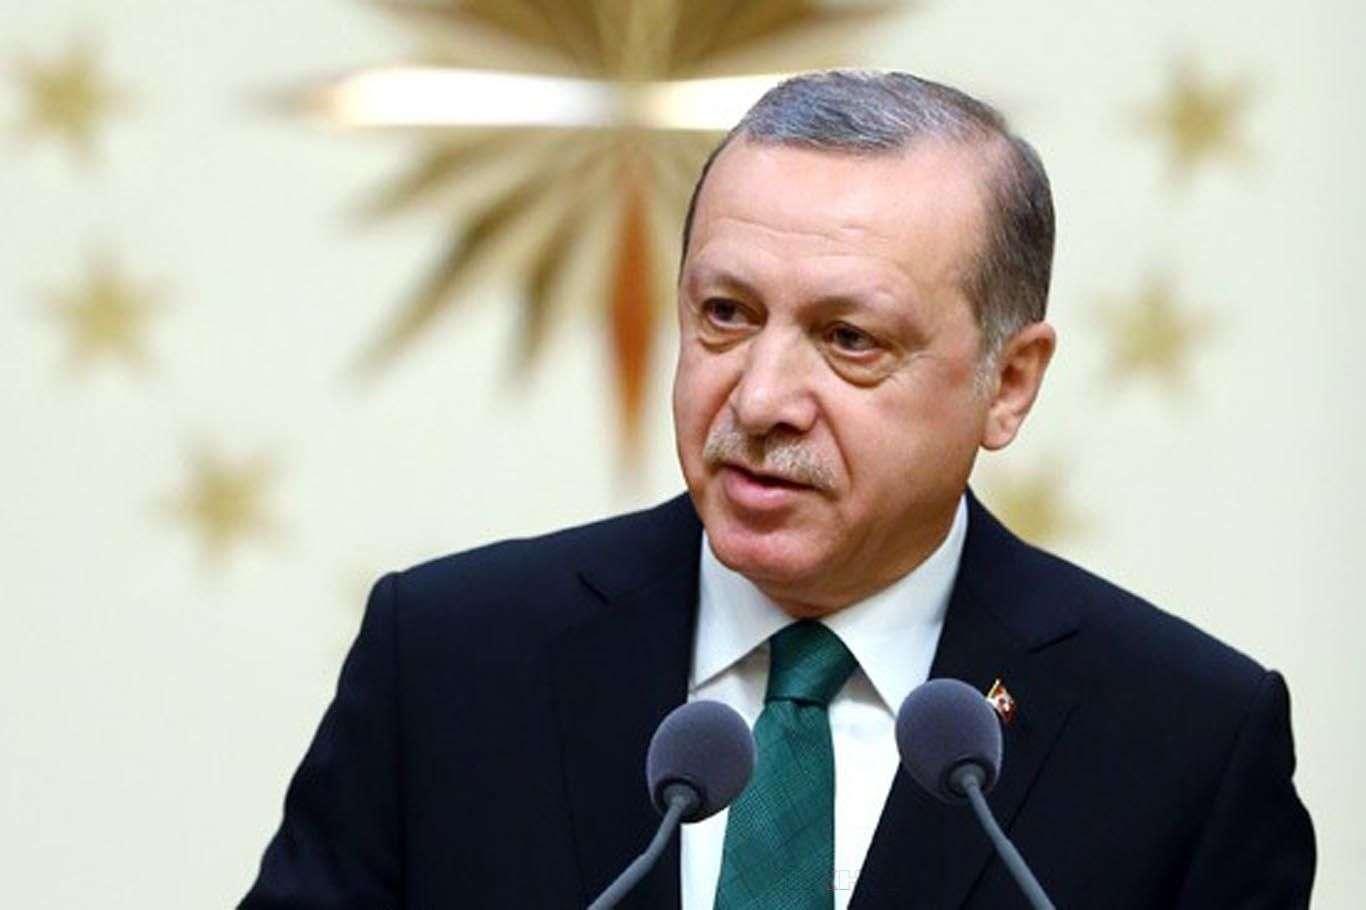 Cumhurbaşkanı Erdoğan: Biz size büyük geliriz, bizi yiyemezsiniz